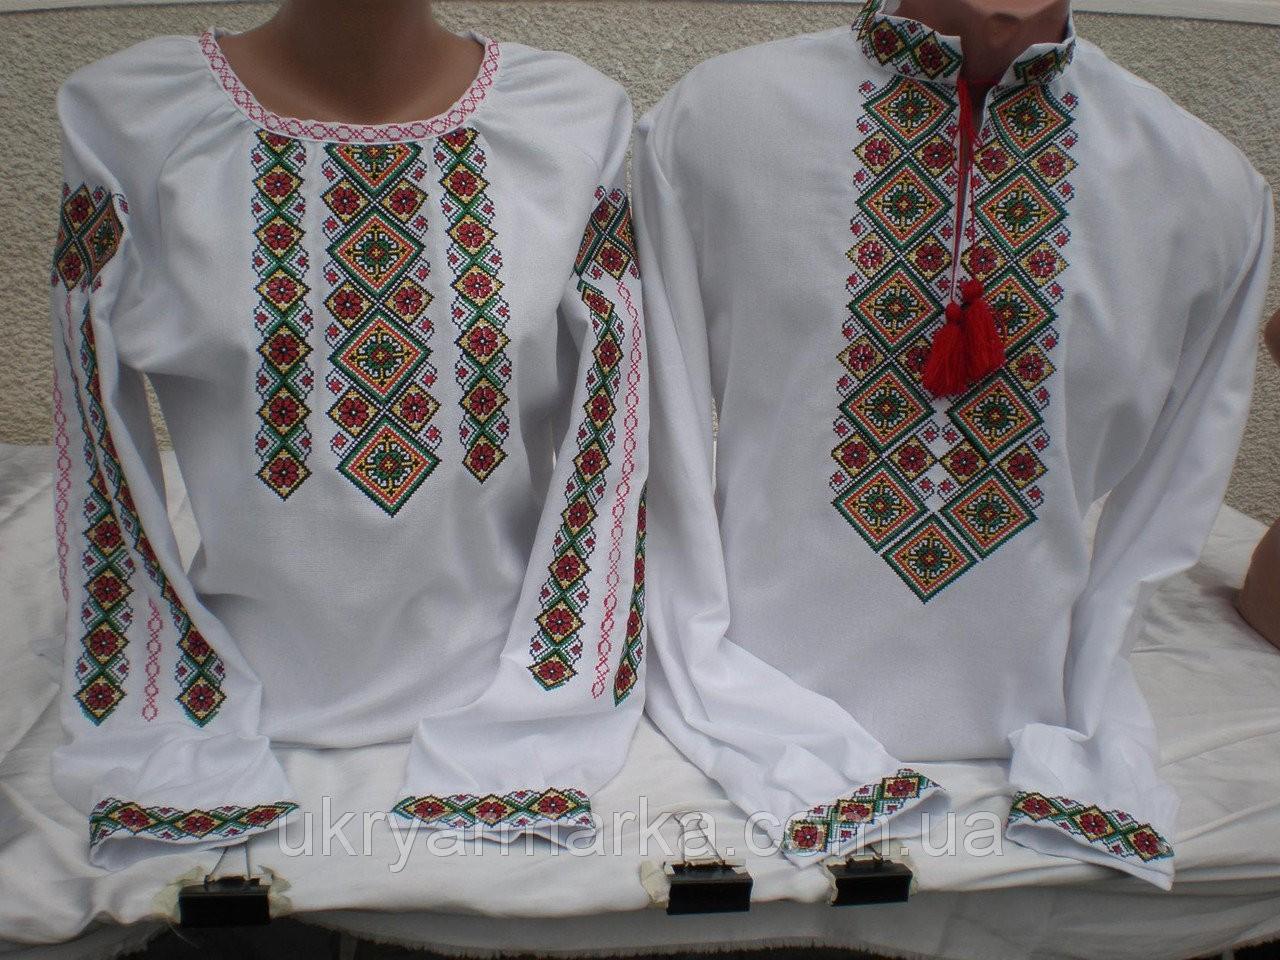 ВУкраинском государстве создадут экспертный совет позащите общественной морали